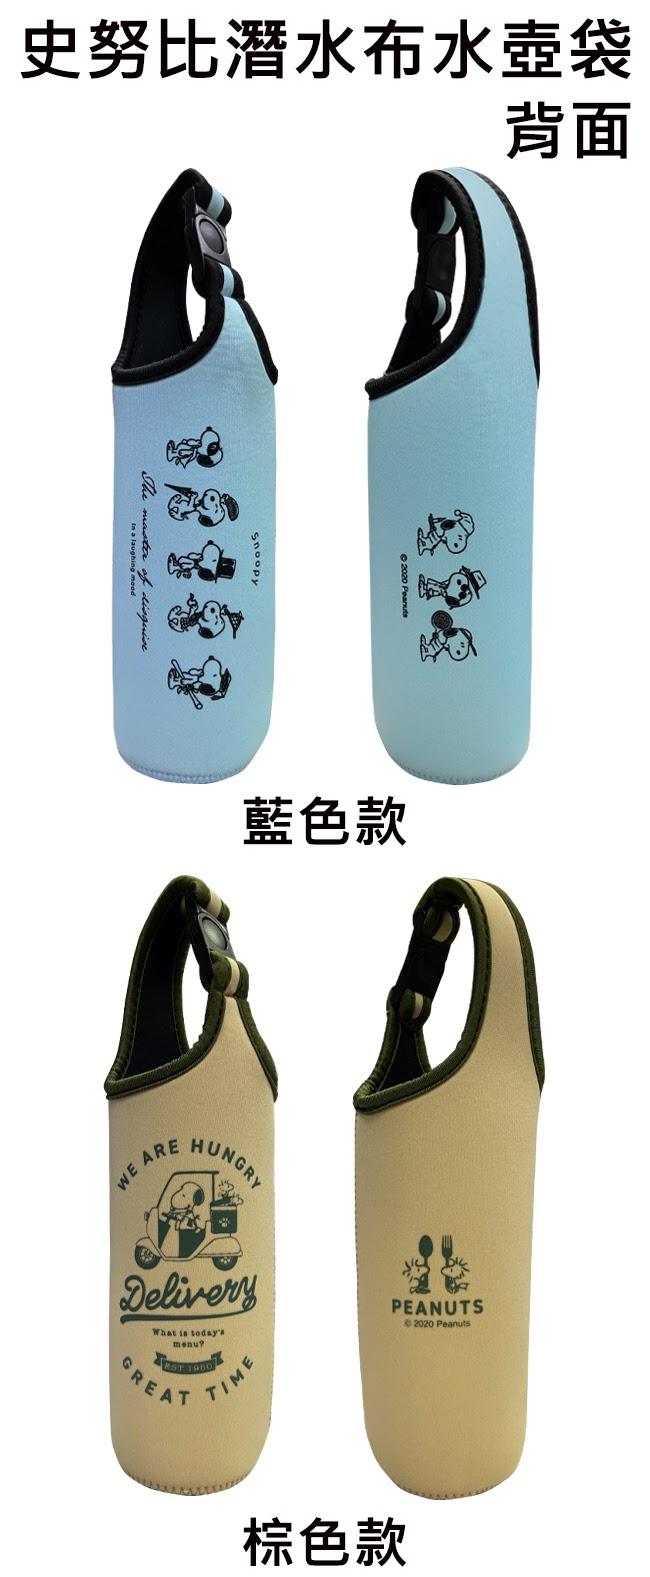 史努比 潛水布 水壺袋 飲料提袋 飲料袋 水壺手提袋 Snoopy PEANUTS 410509 410660